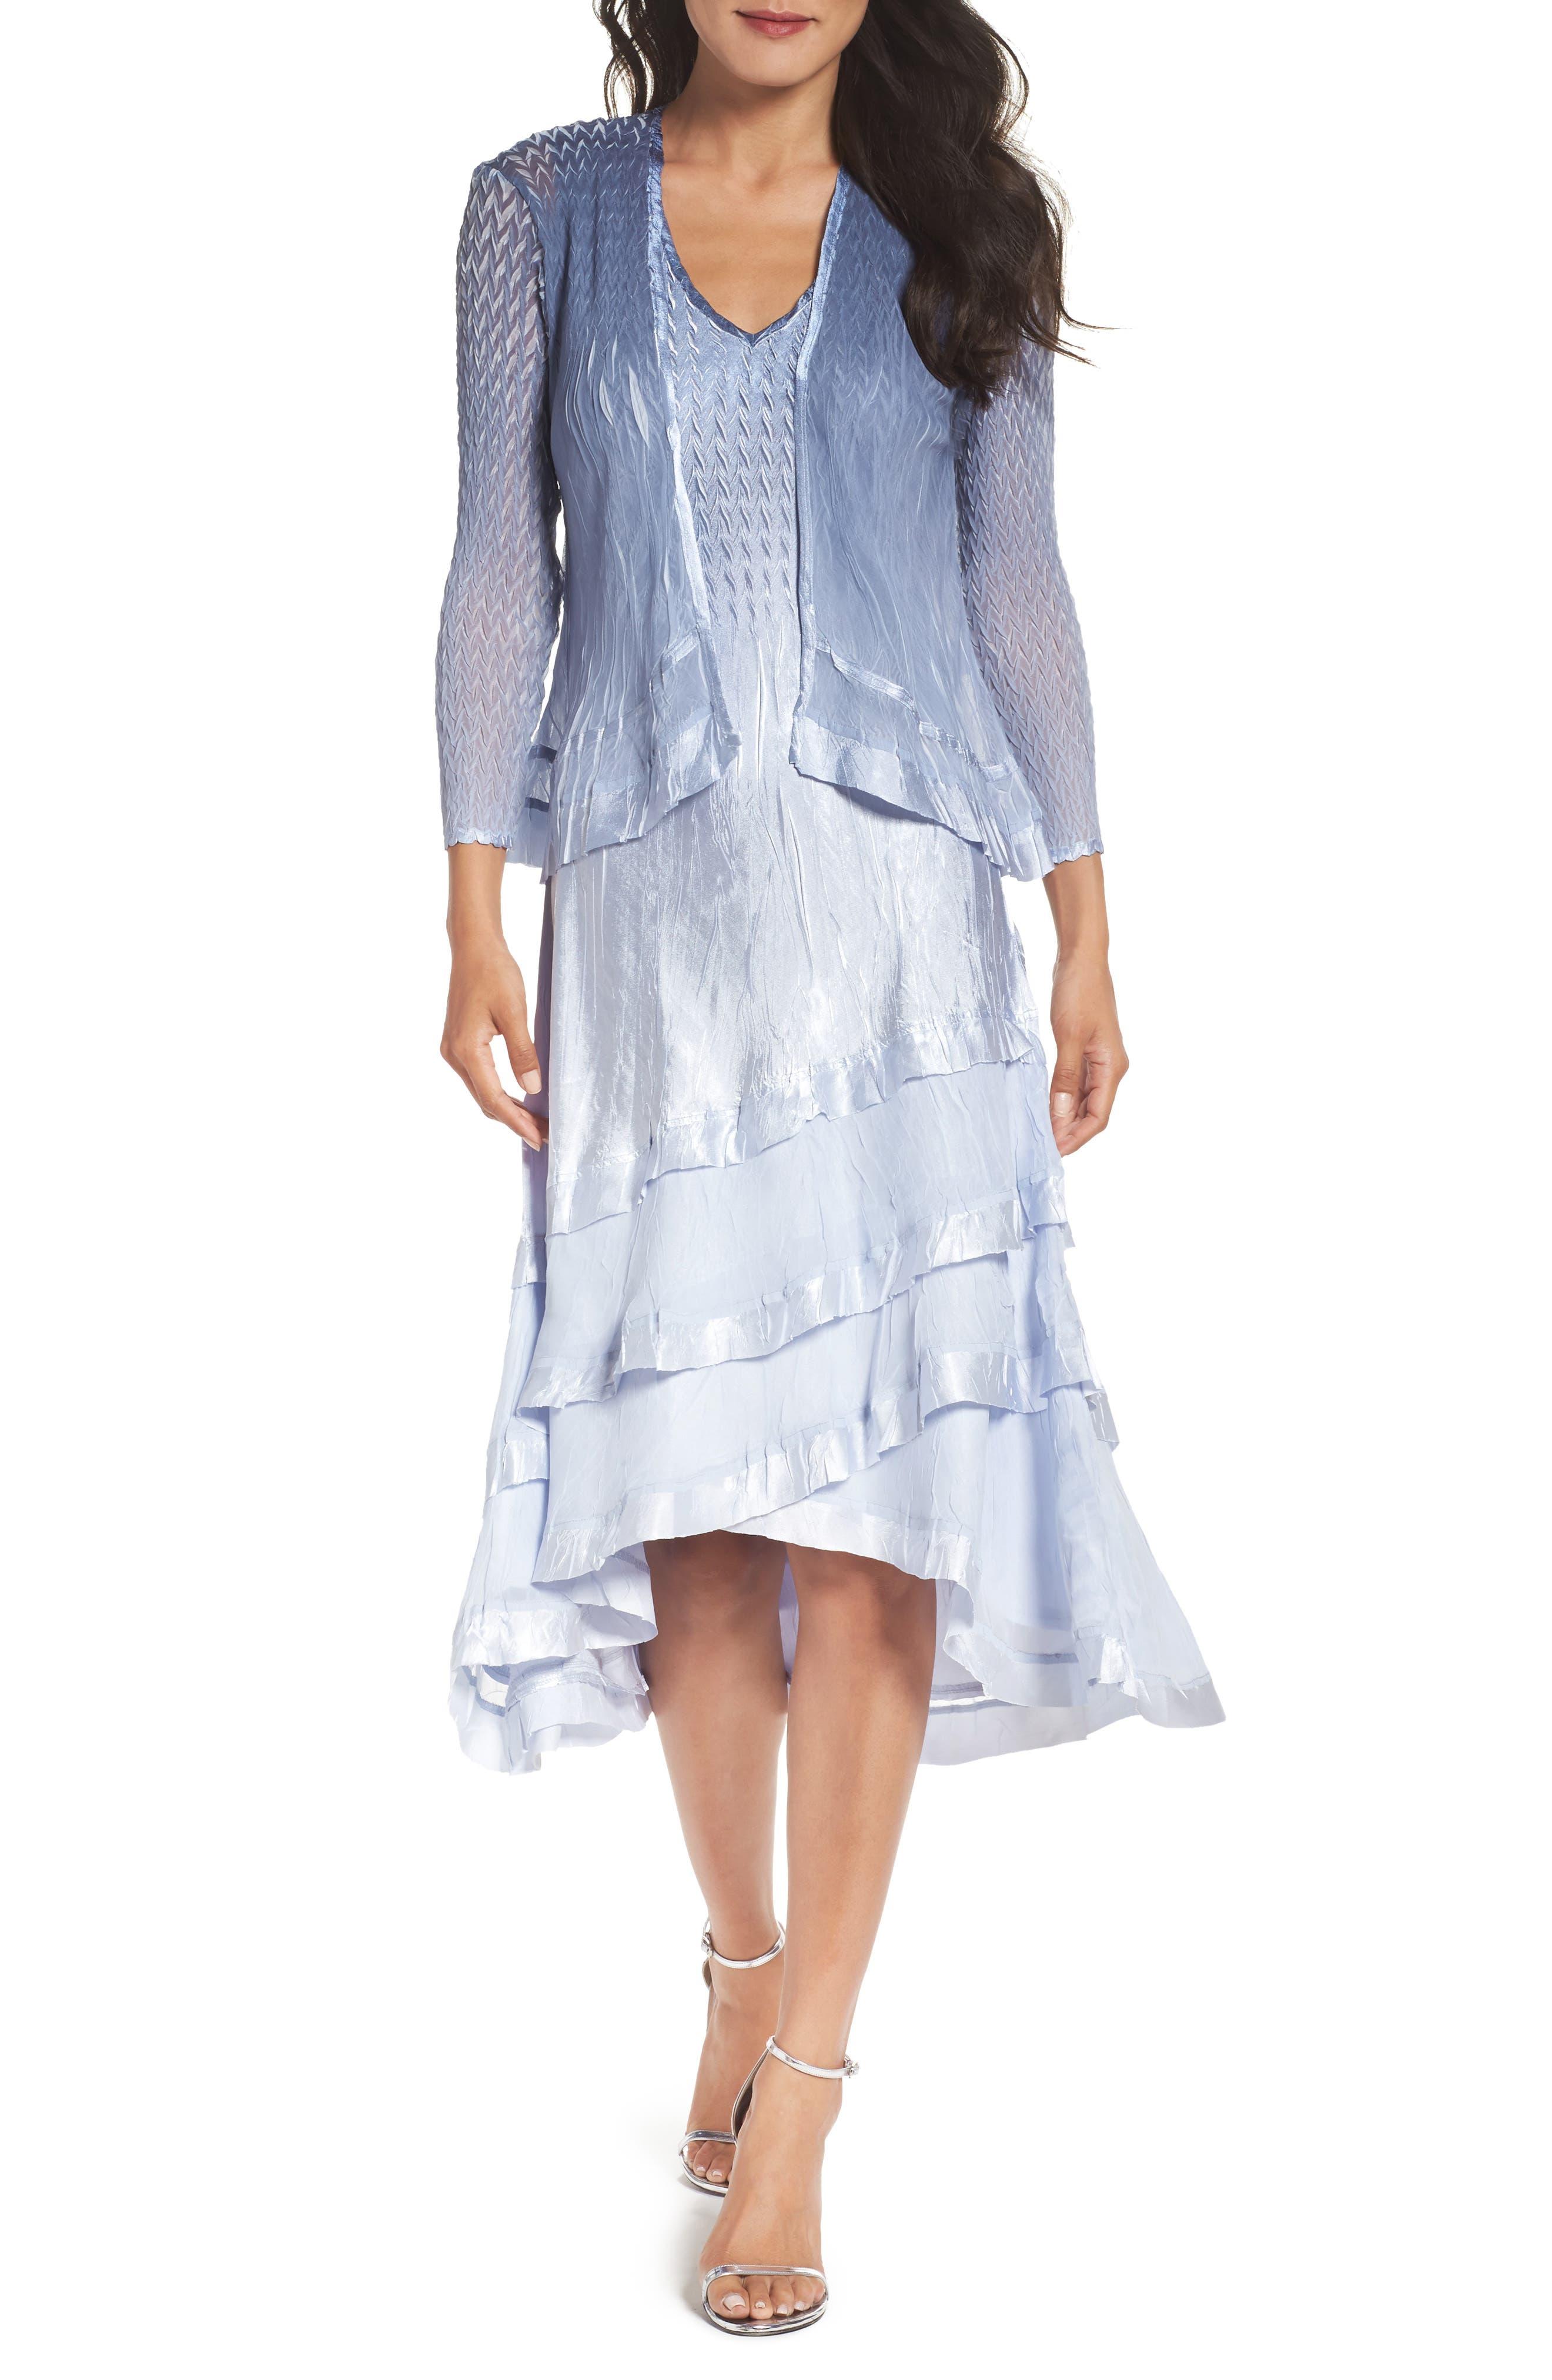 Main Image - Komarov Tiered Dress with Jacket (Regular & Petite)